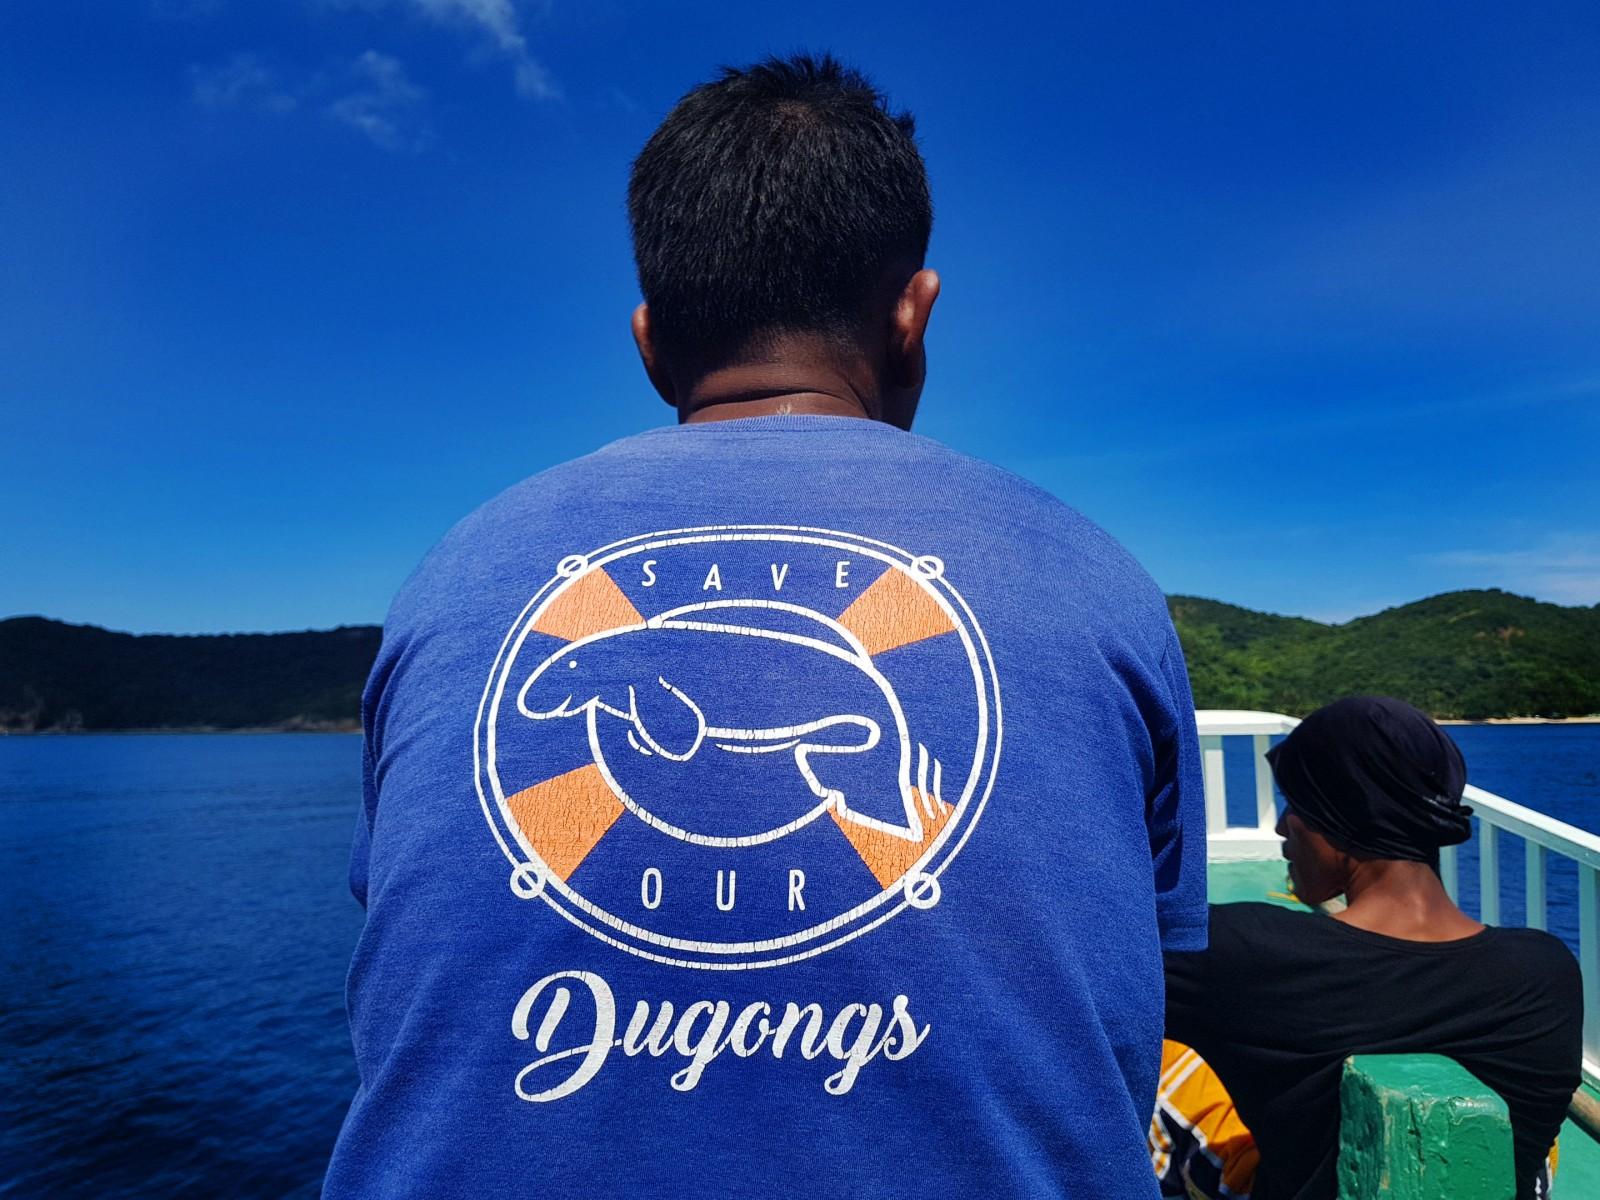 dugong-dive-by-gregg-yan-4.jpg